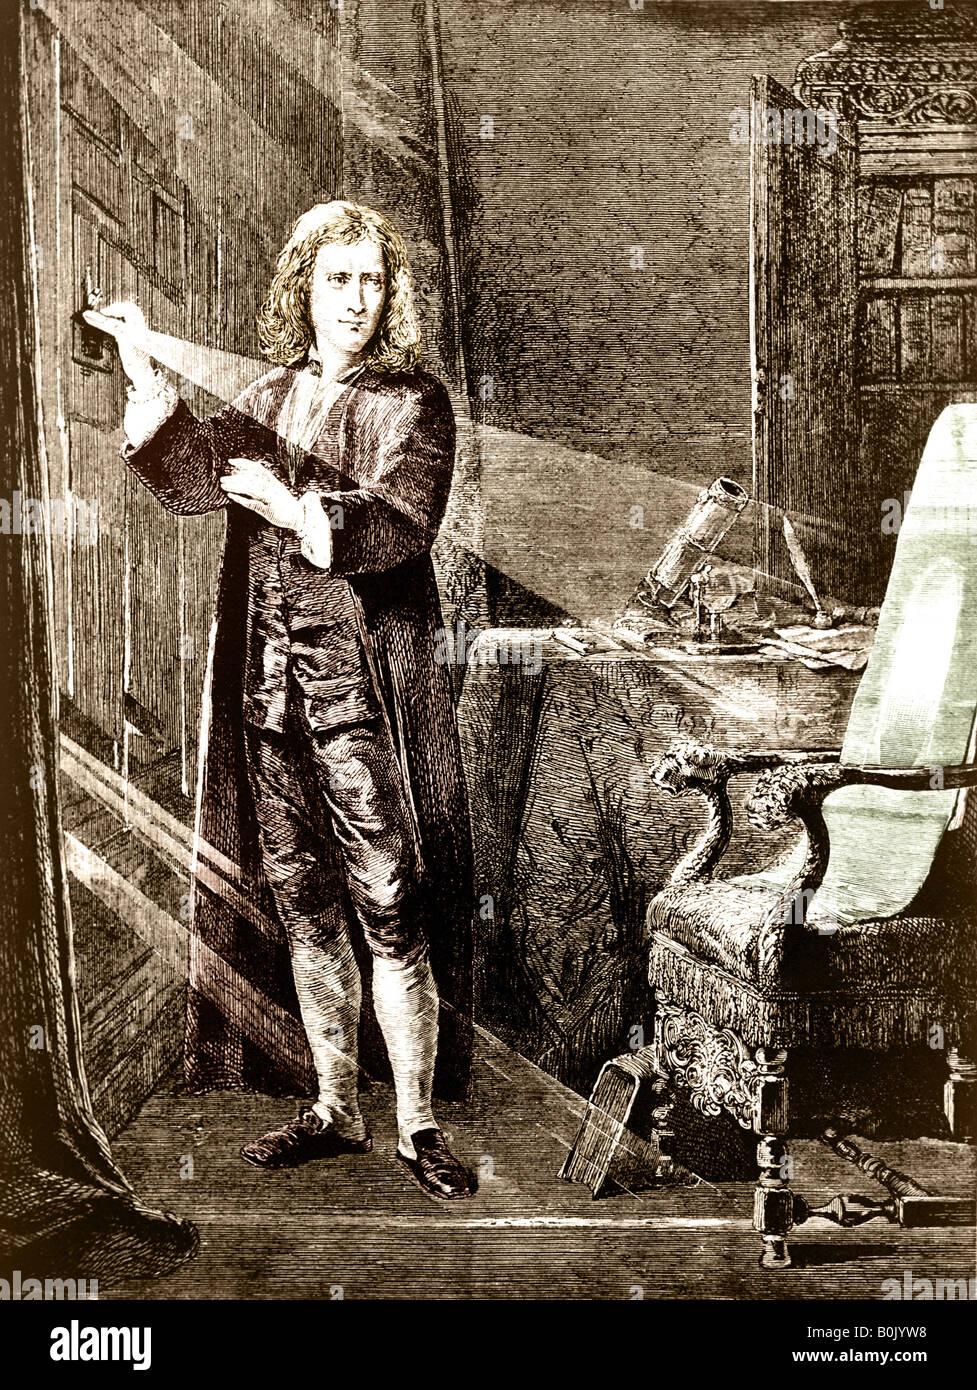 Sir Isaac Newton, el filósofo y científico, analizando el rayo de luz. Imagen De Stock